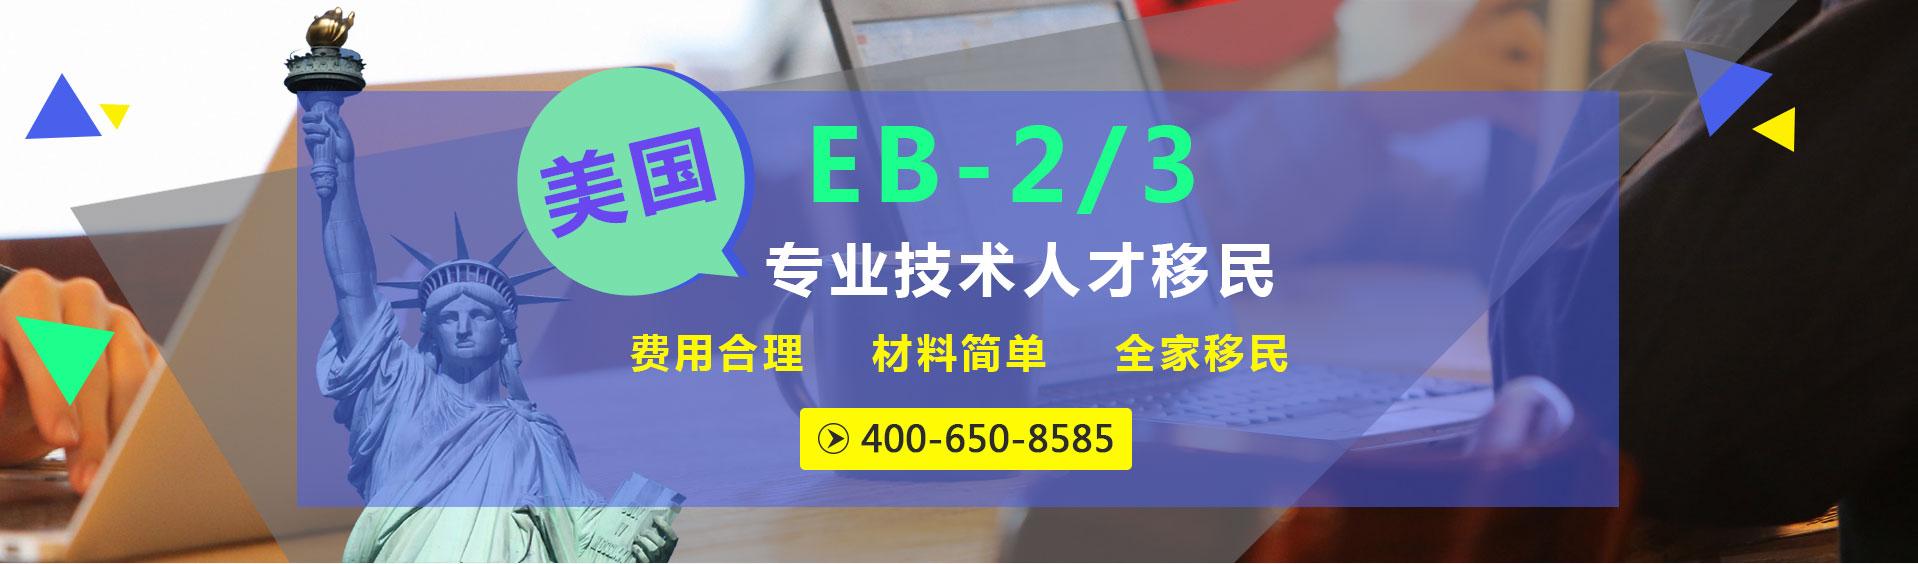 美国EB-23banner